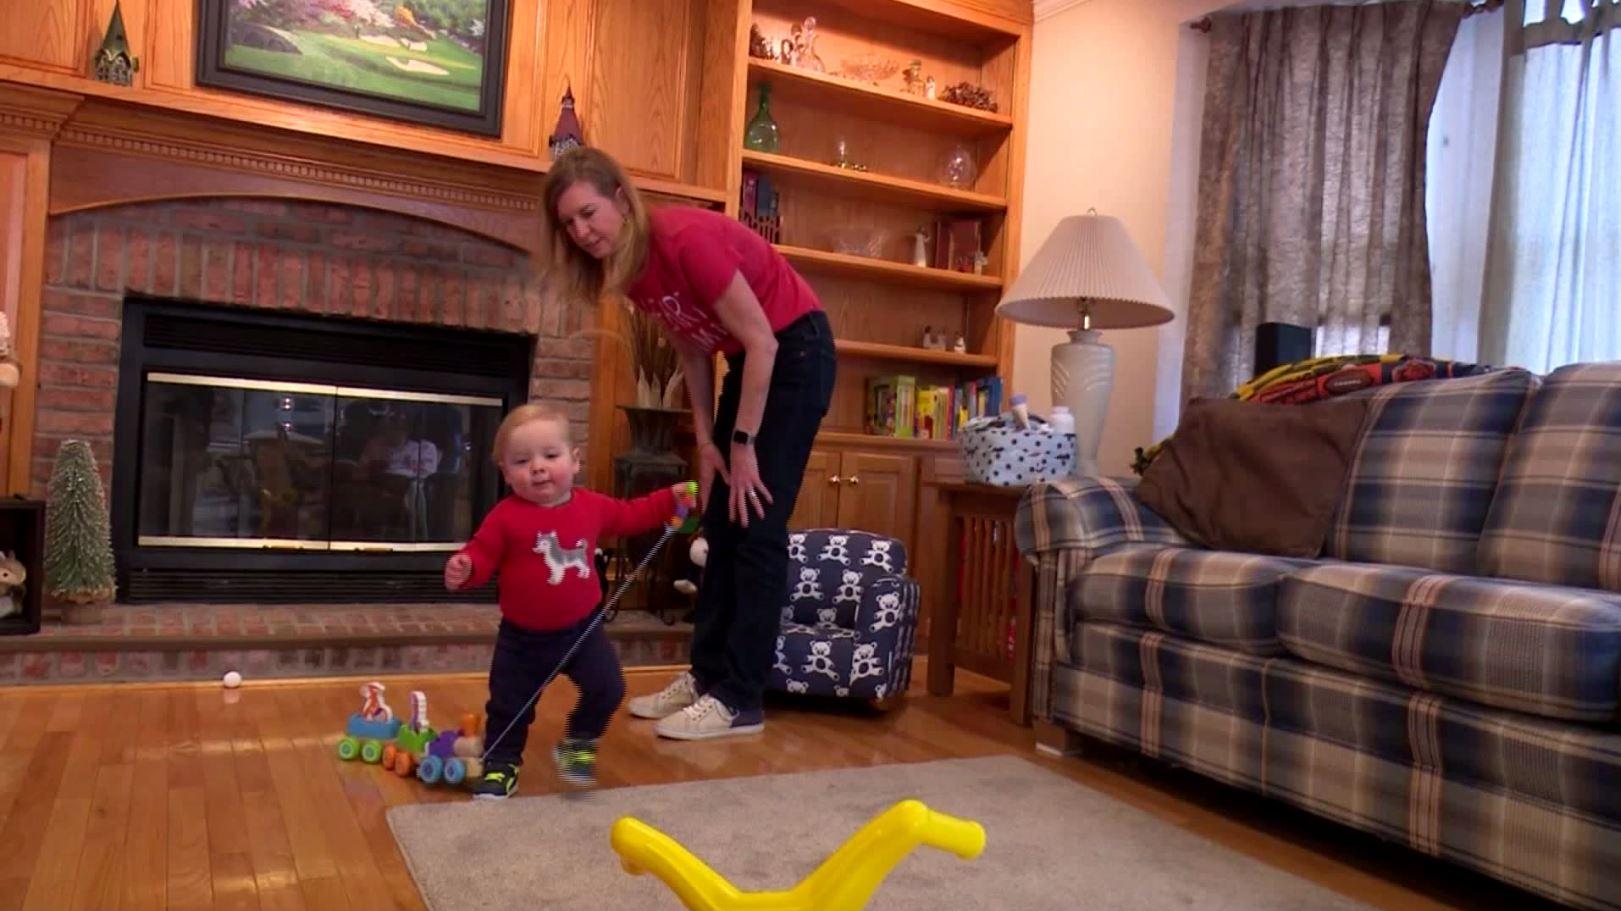 Blaze y su madre en su casa de Peoria, jugando y caminando en la sala (CBS Chicago)